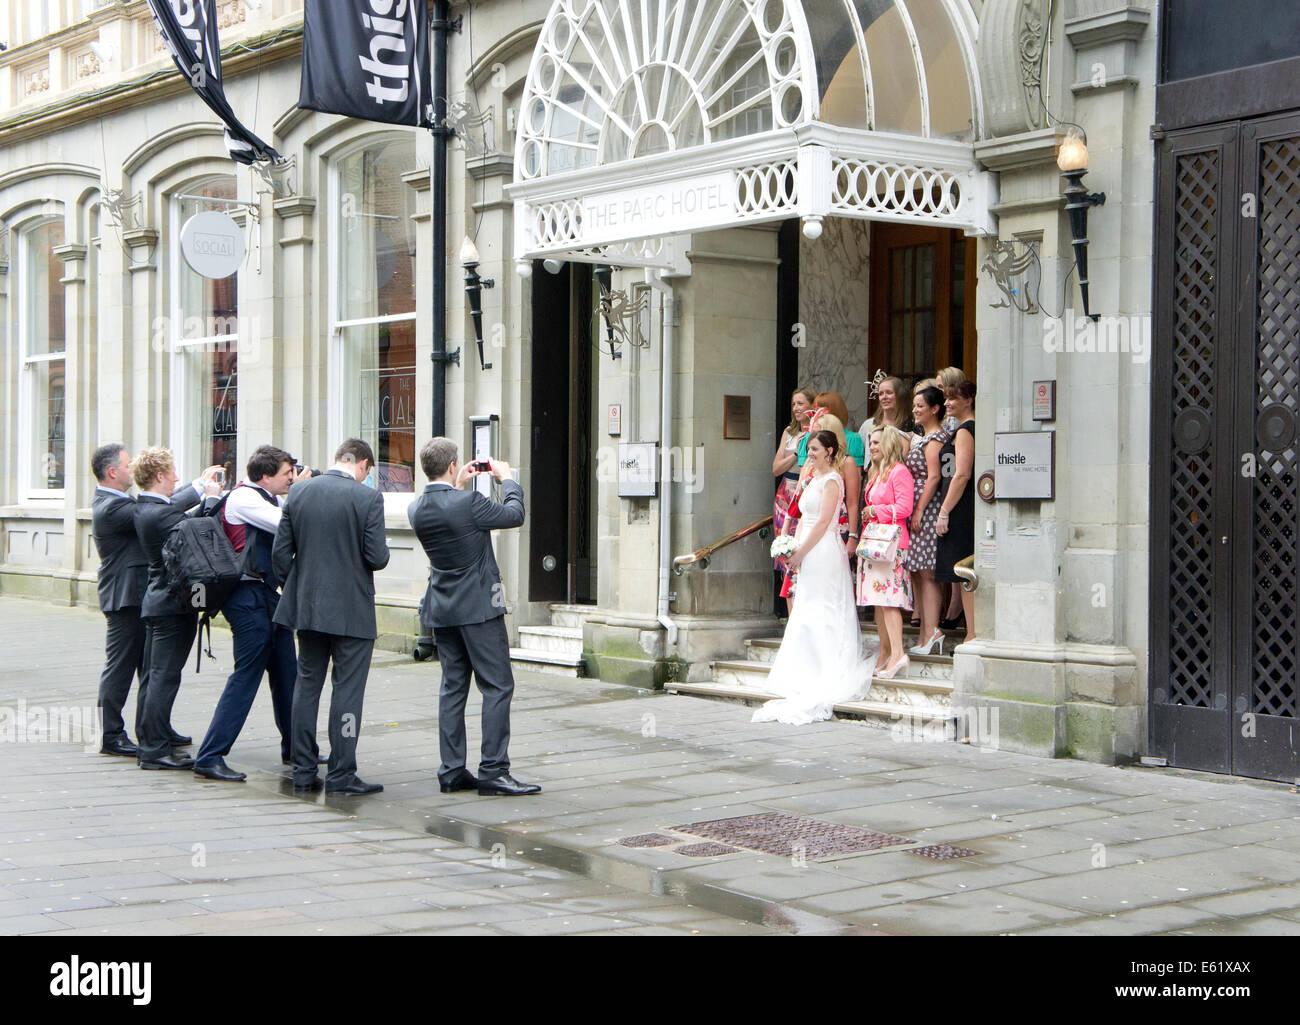 Hochzeitsgaste Die Fotos Von Der Braut Bei Einer Hochzeit An Der